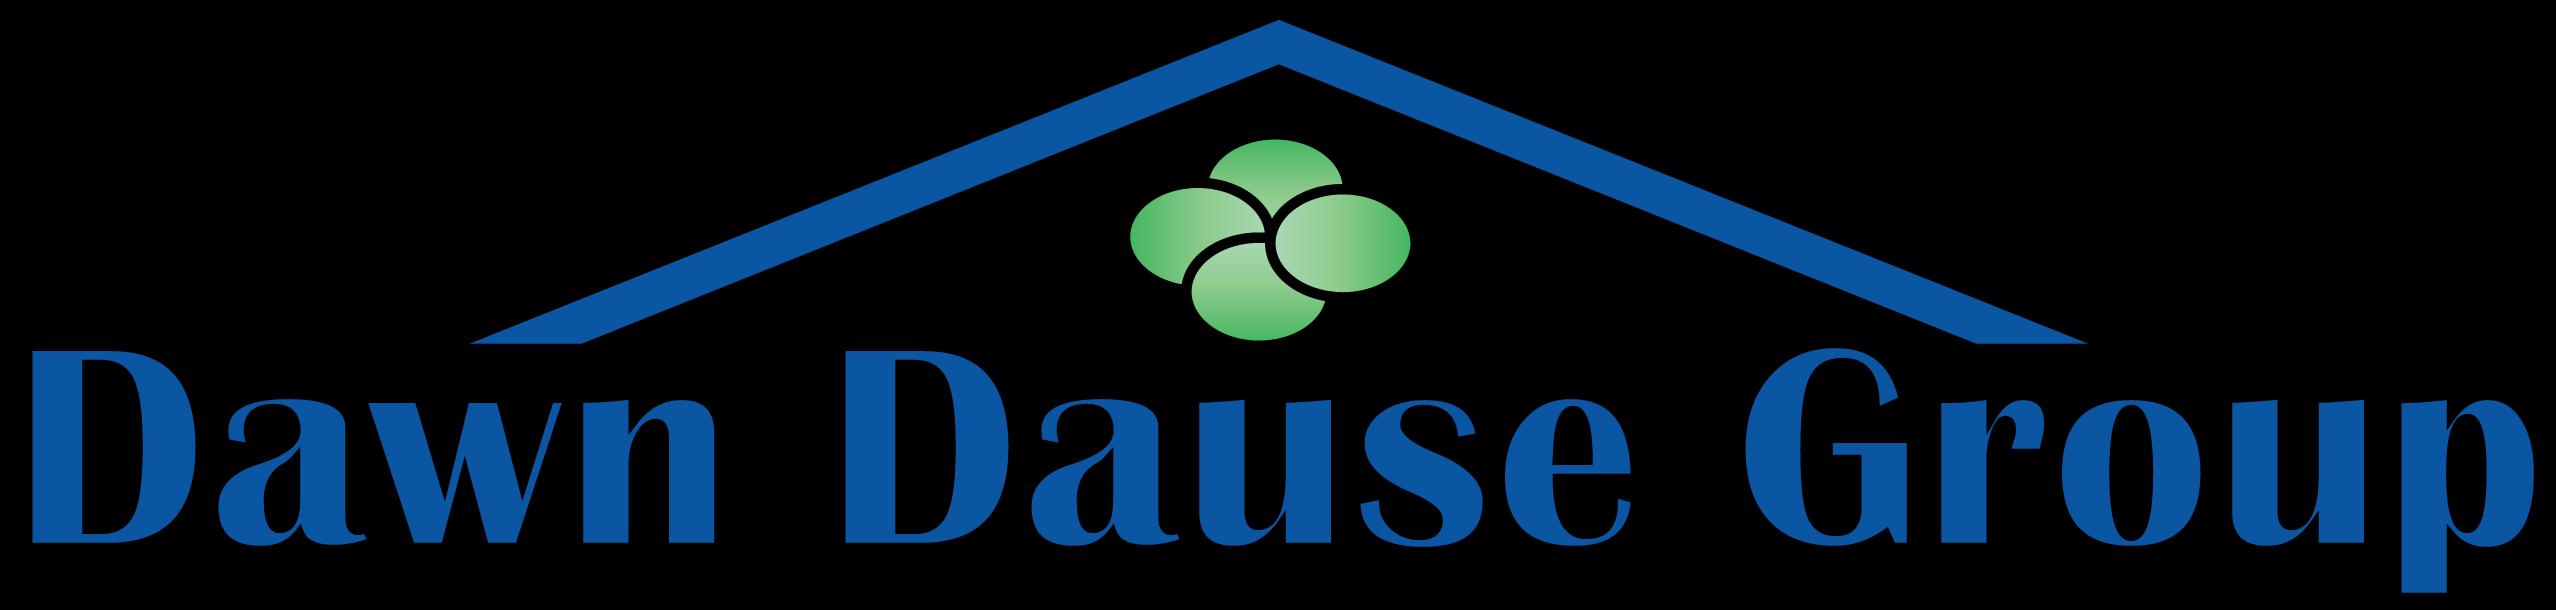 Dawn Dause Group Blog